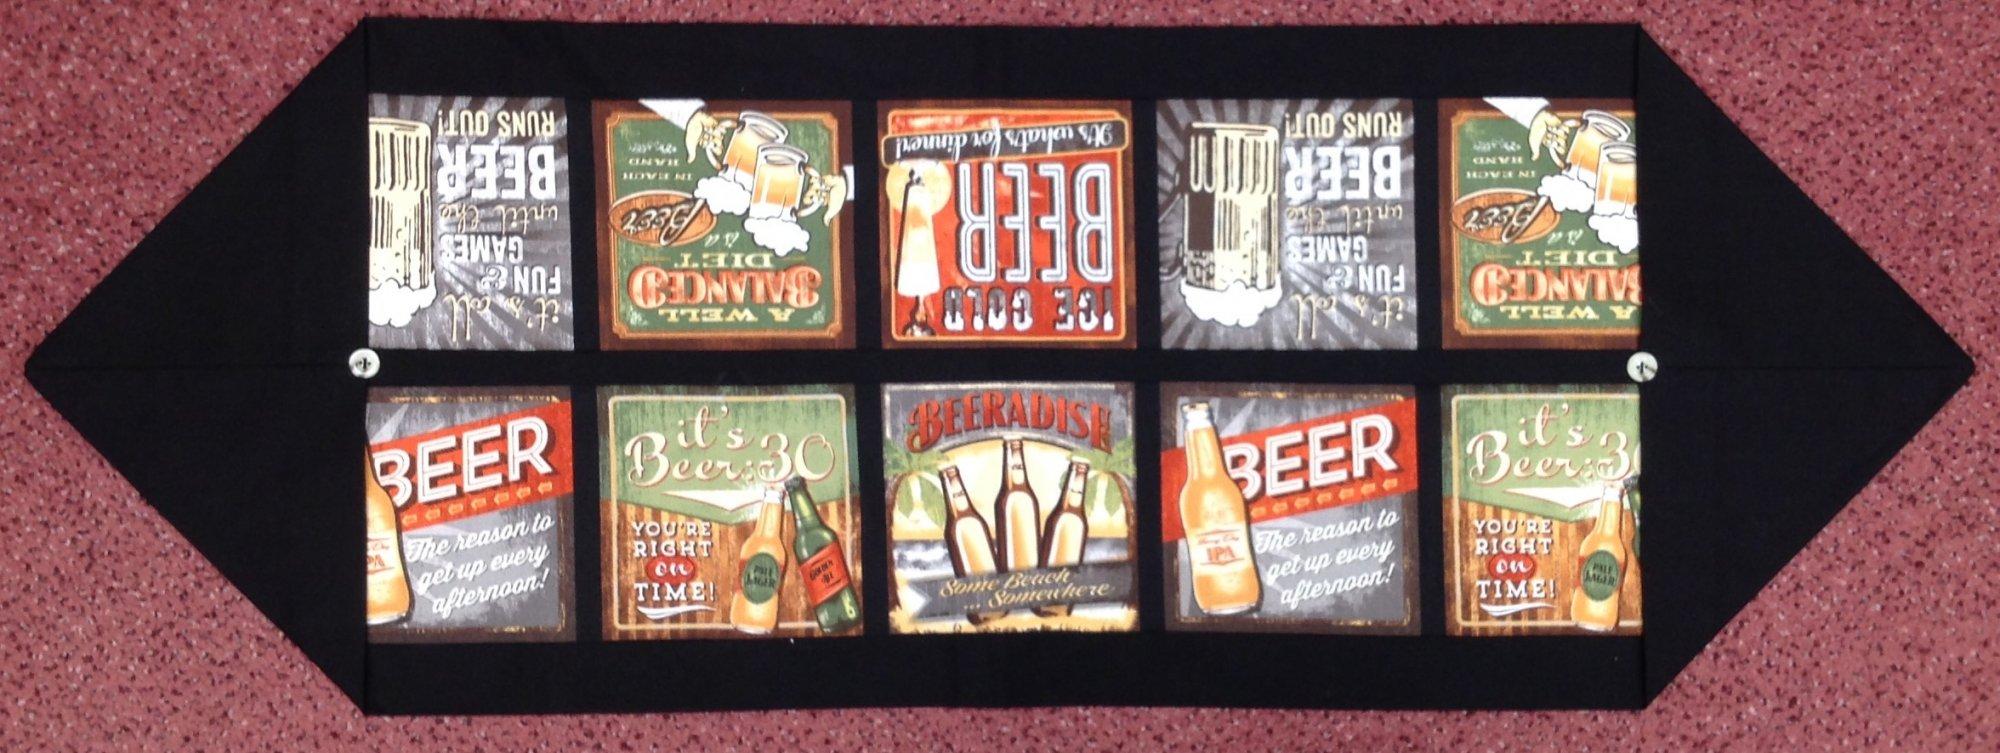 Cheers Beer Runner 14 x 41